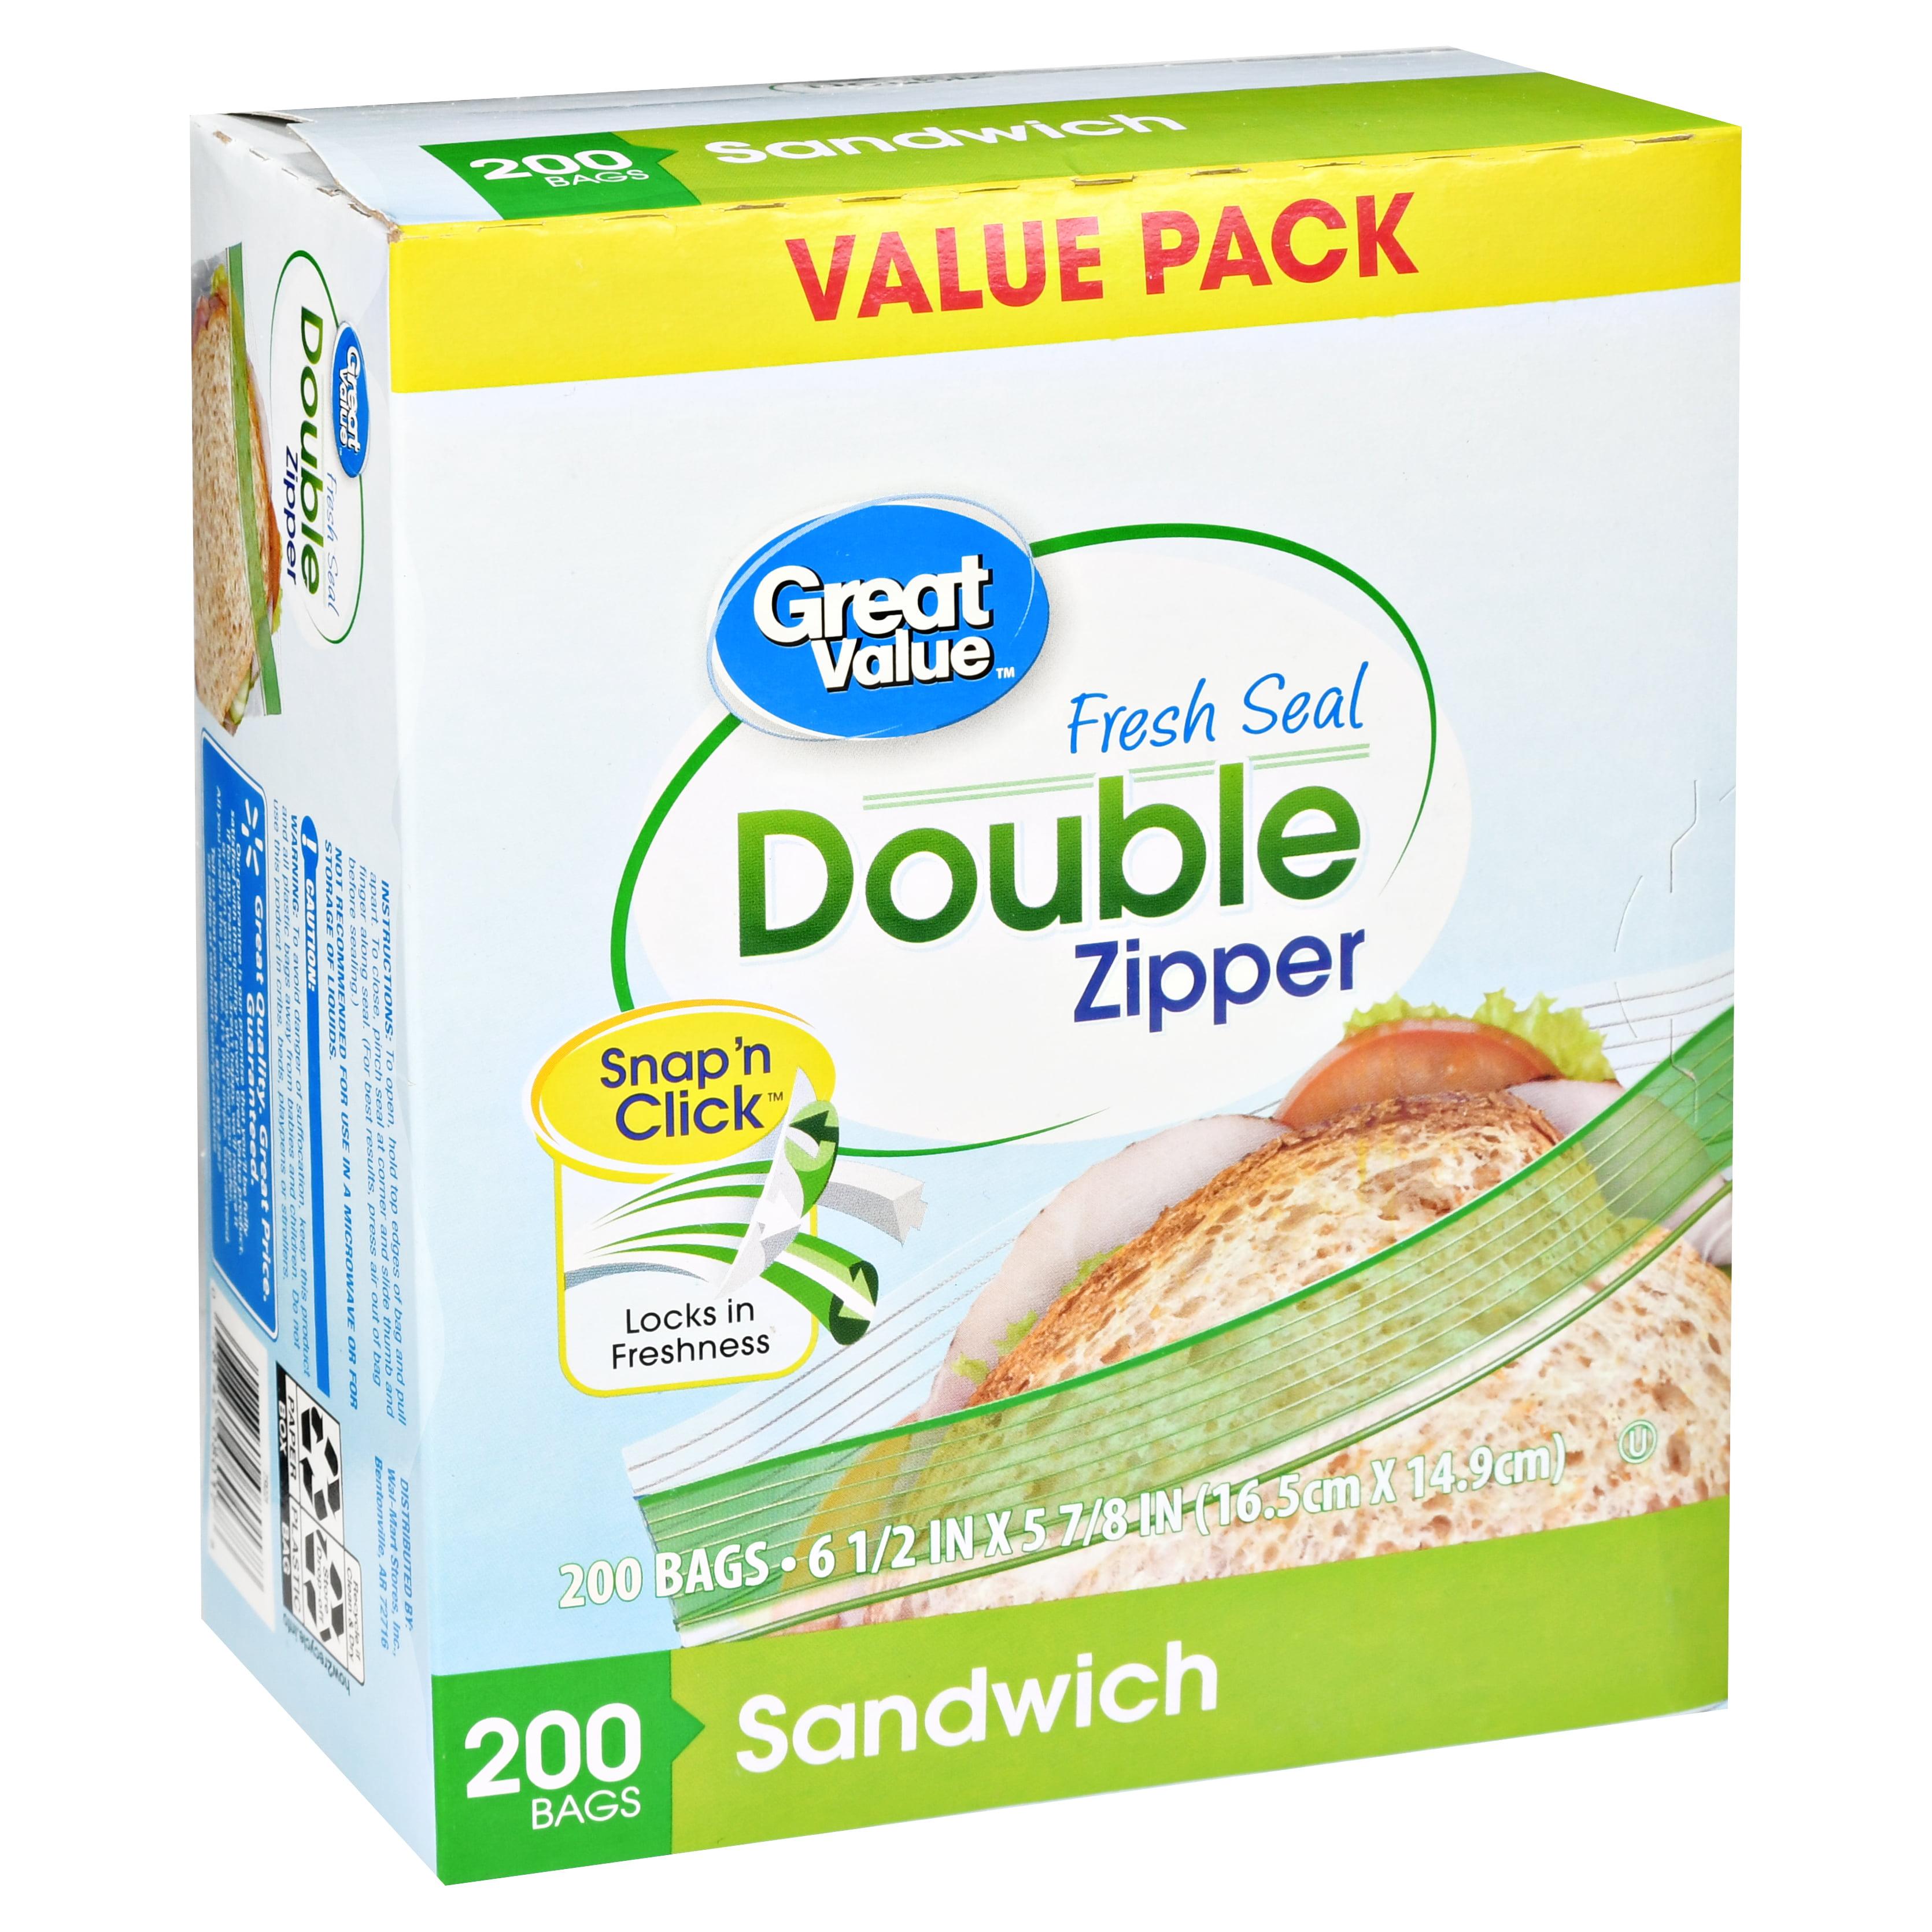 Great Value Double Zipper Sandwich Bags 200 Count Best